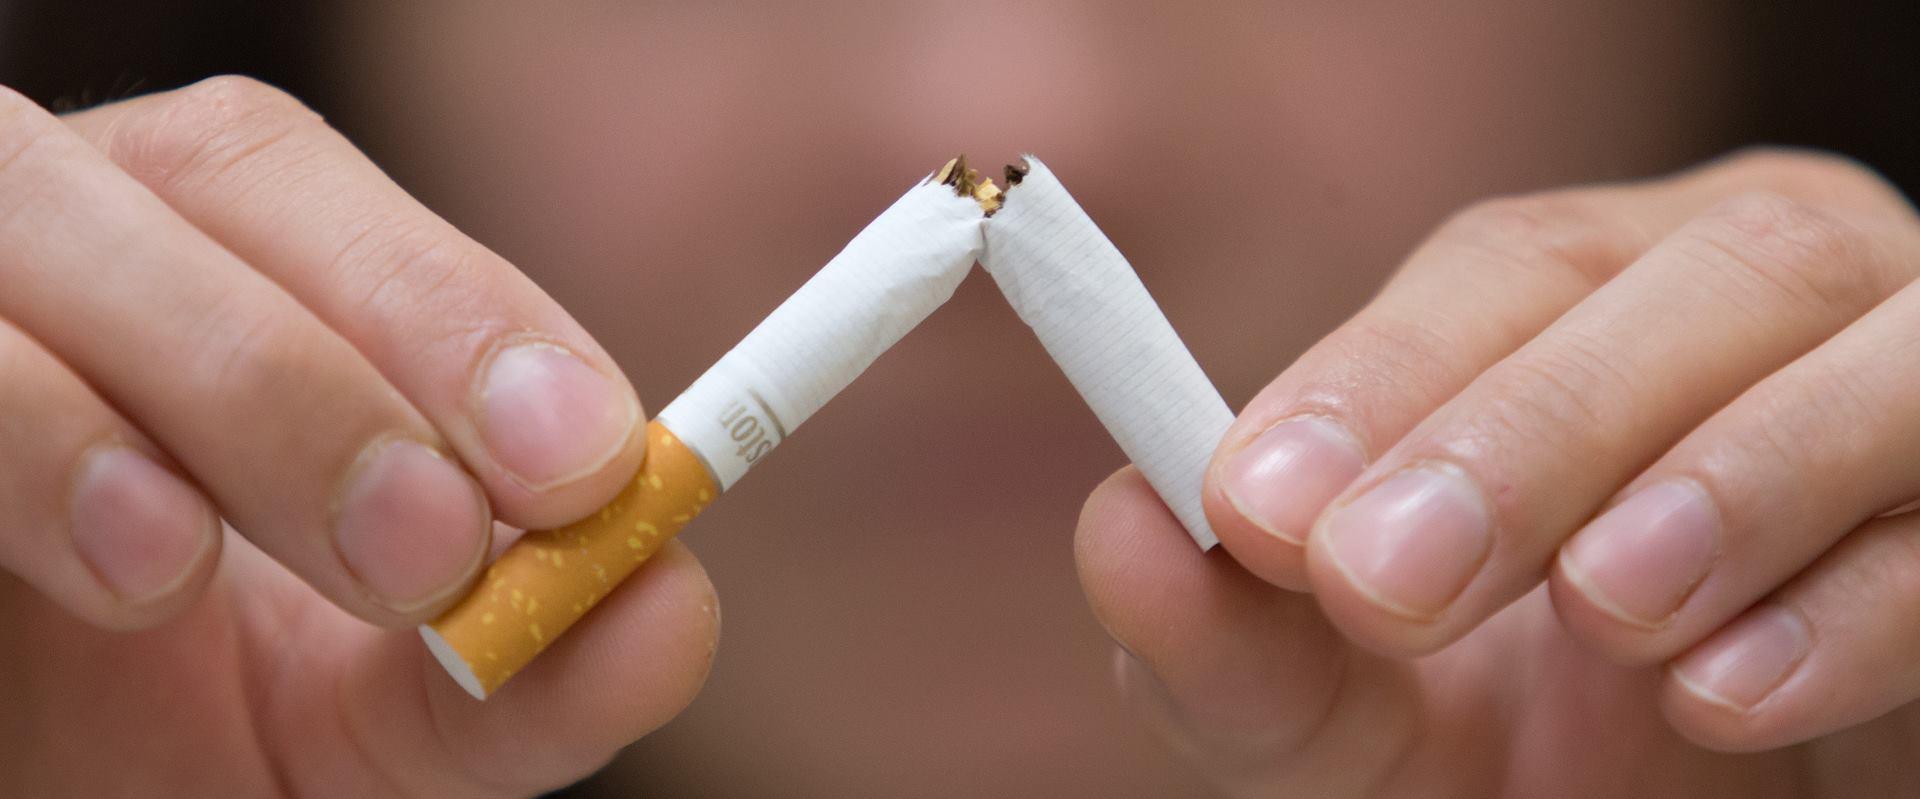 ISTRAŽIVANJE E-cigarete 95 posto manje štetne od duhana